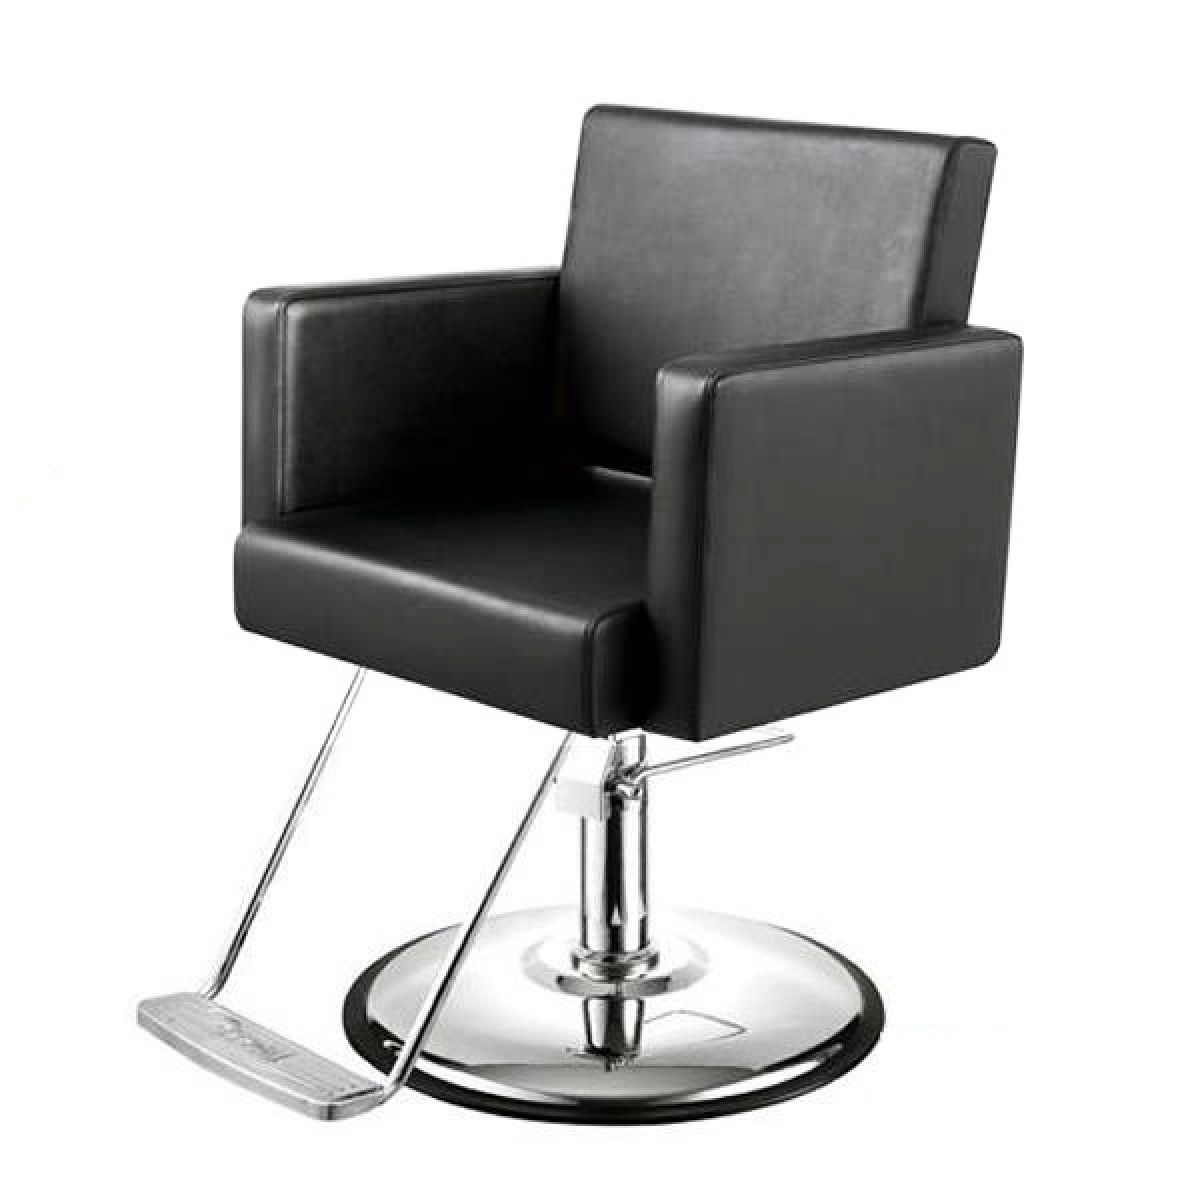 Canon Salon Styling Chair Hair Styling Chair Hair Salon Chairs